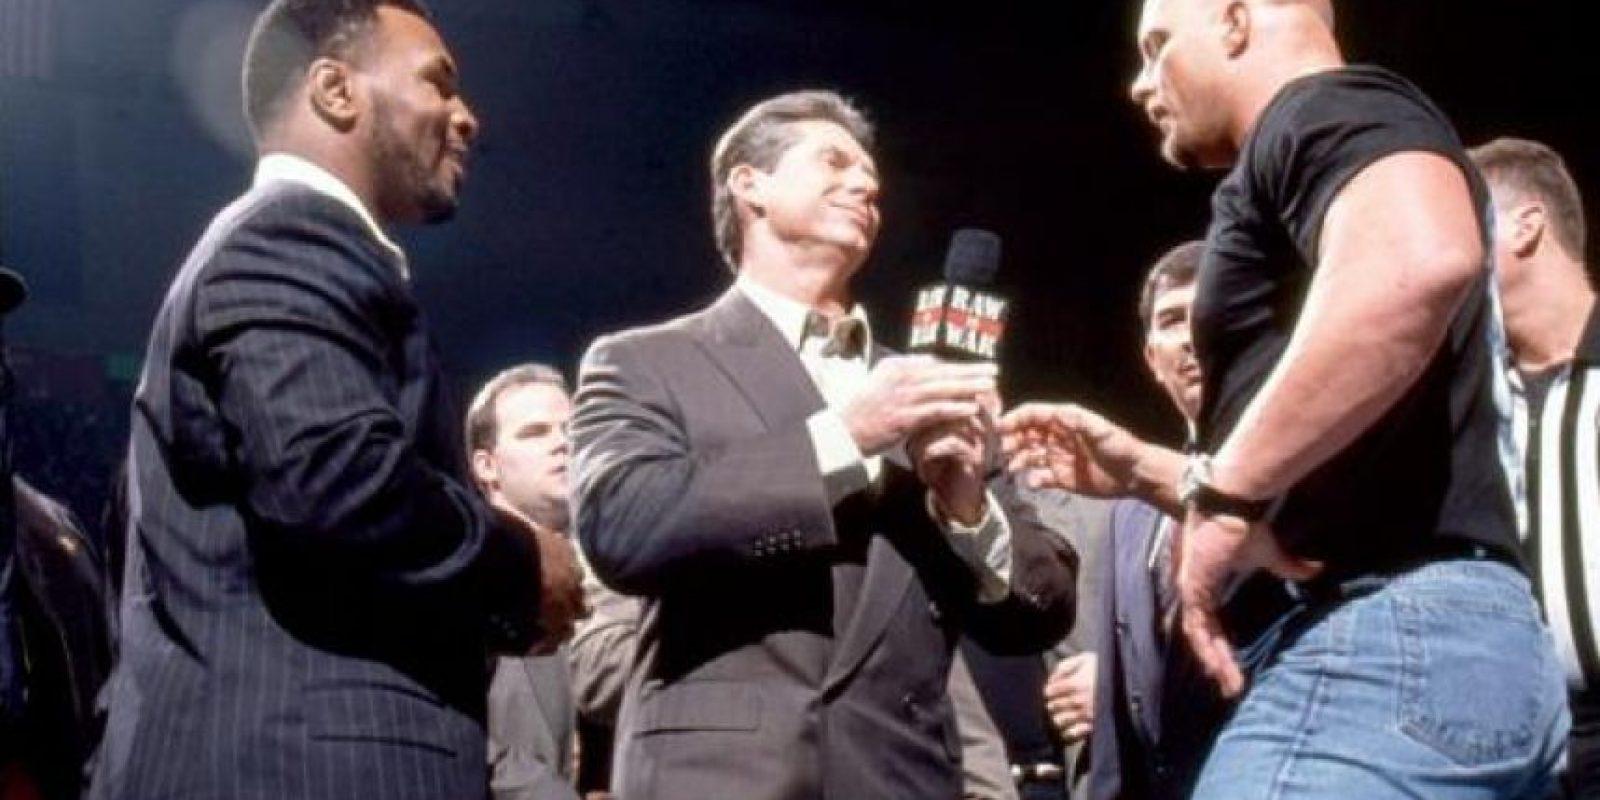 En 2010 fue anfitrión invitado en Raw, y de paso golpeó a Chris Jericho y discutió con Sheamus. Foto:WWE